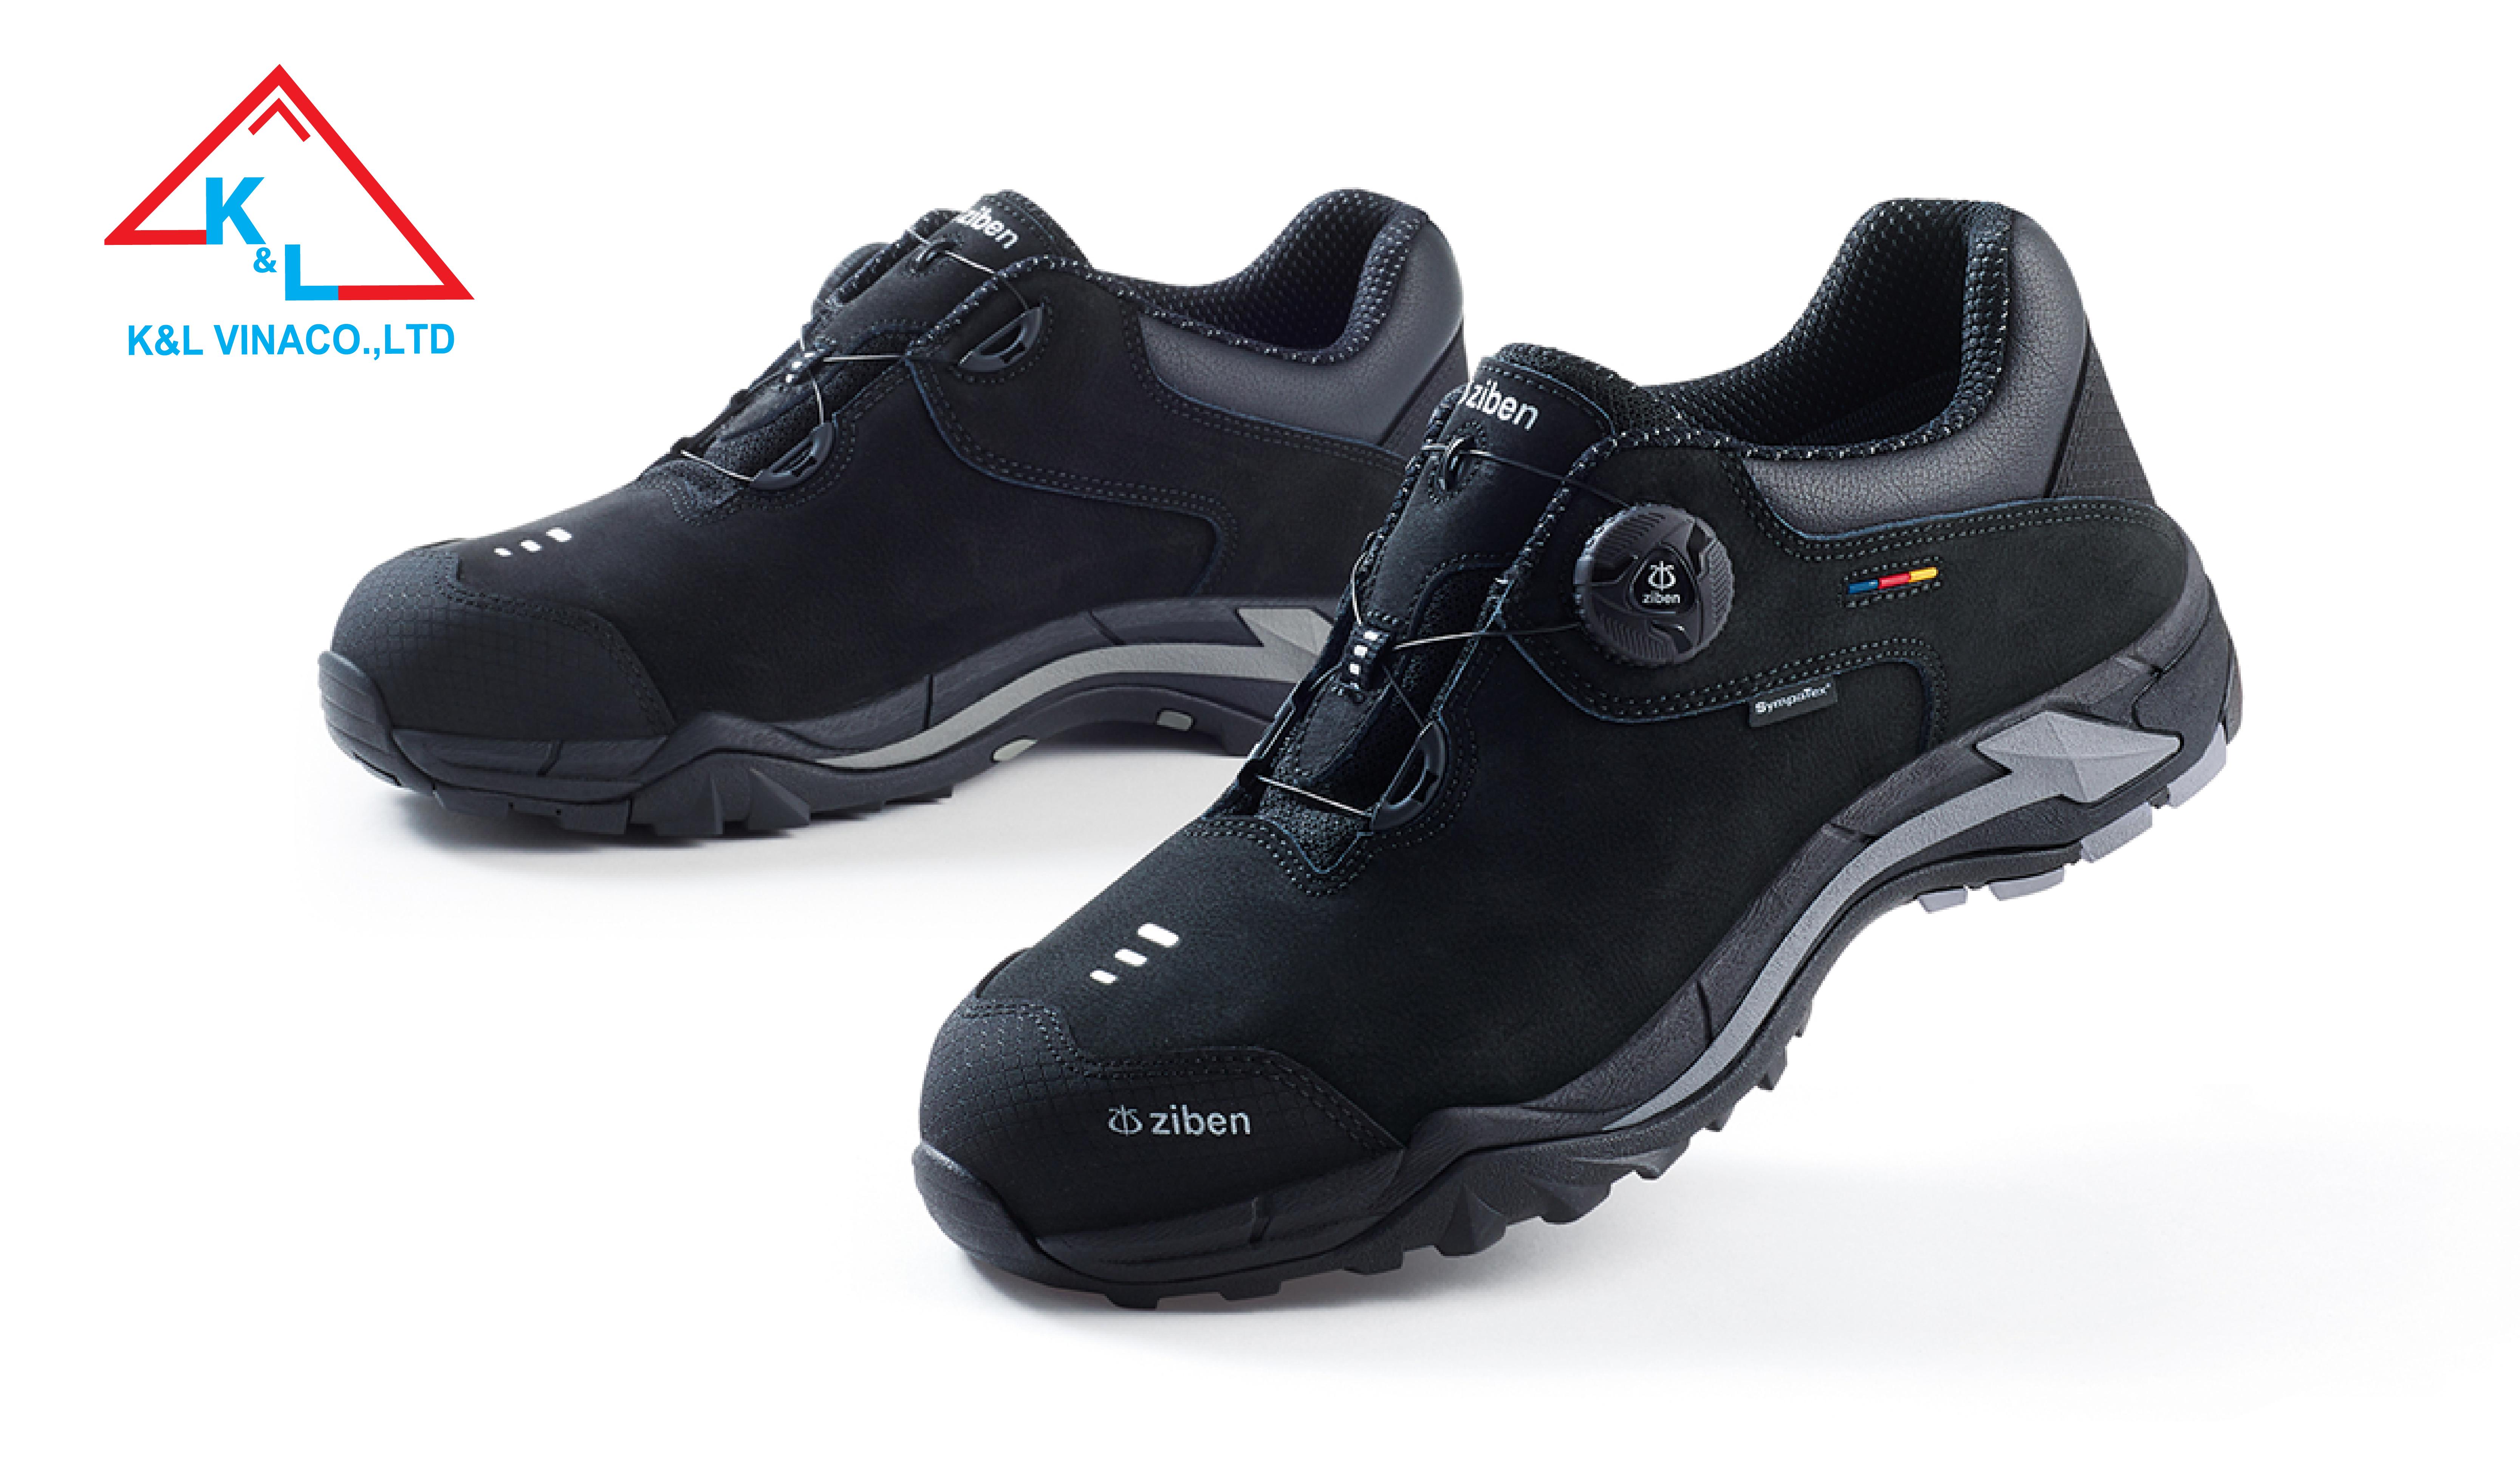 Giày Bảo Hộ Hàn Quốc Ziben 203